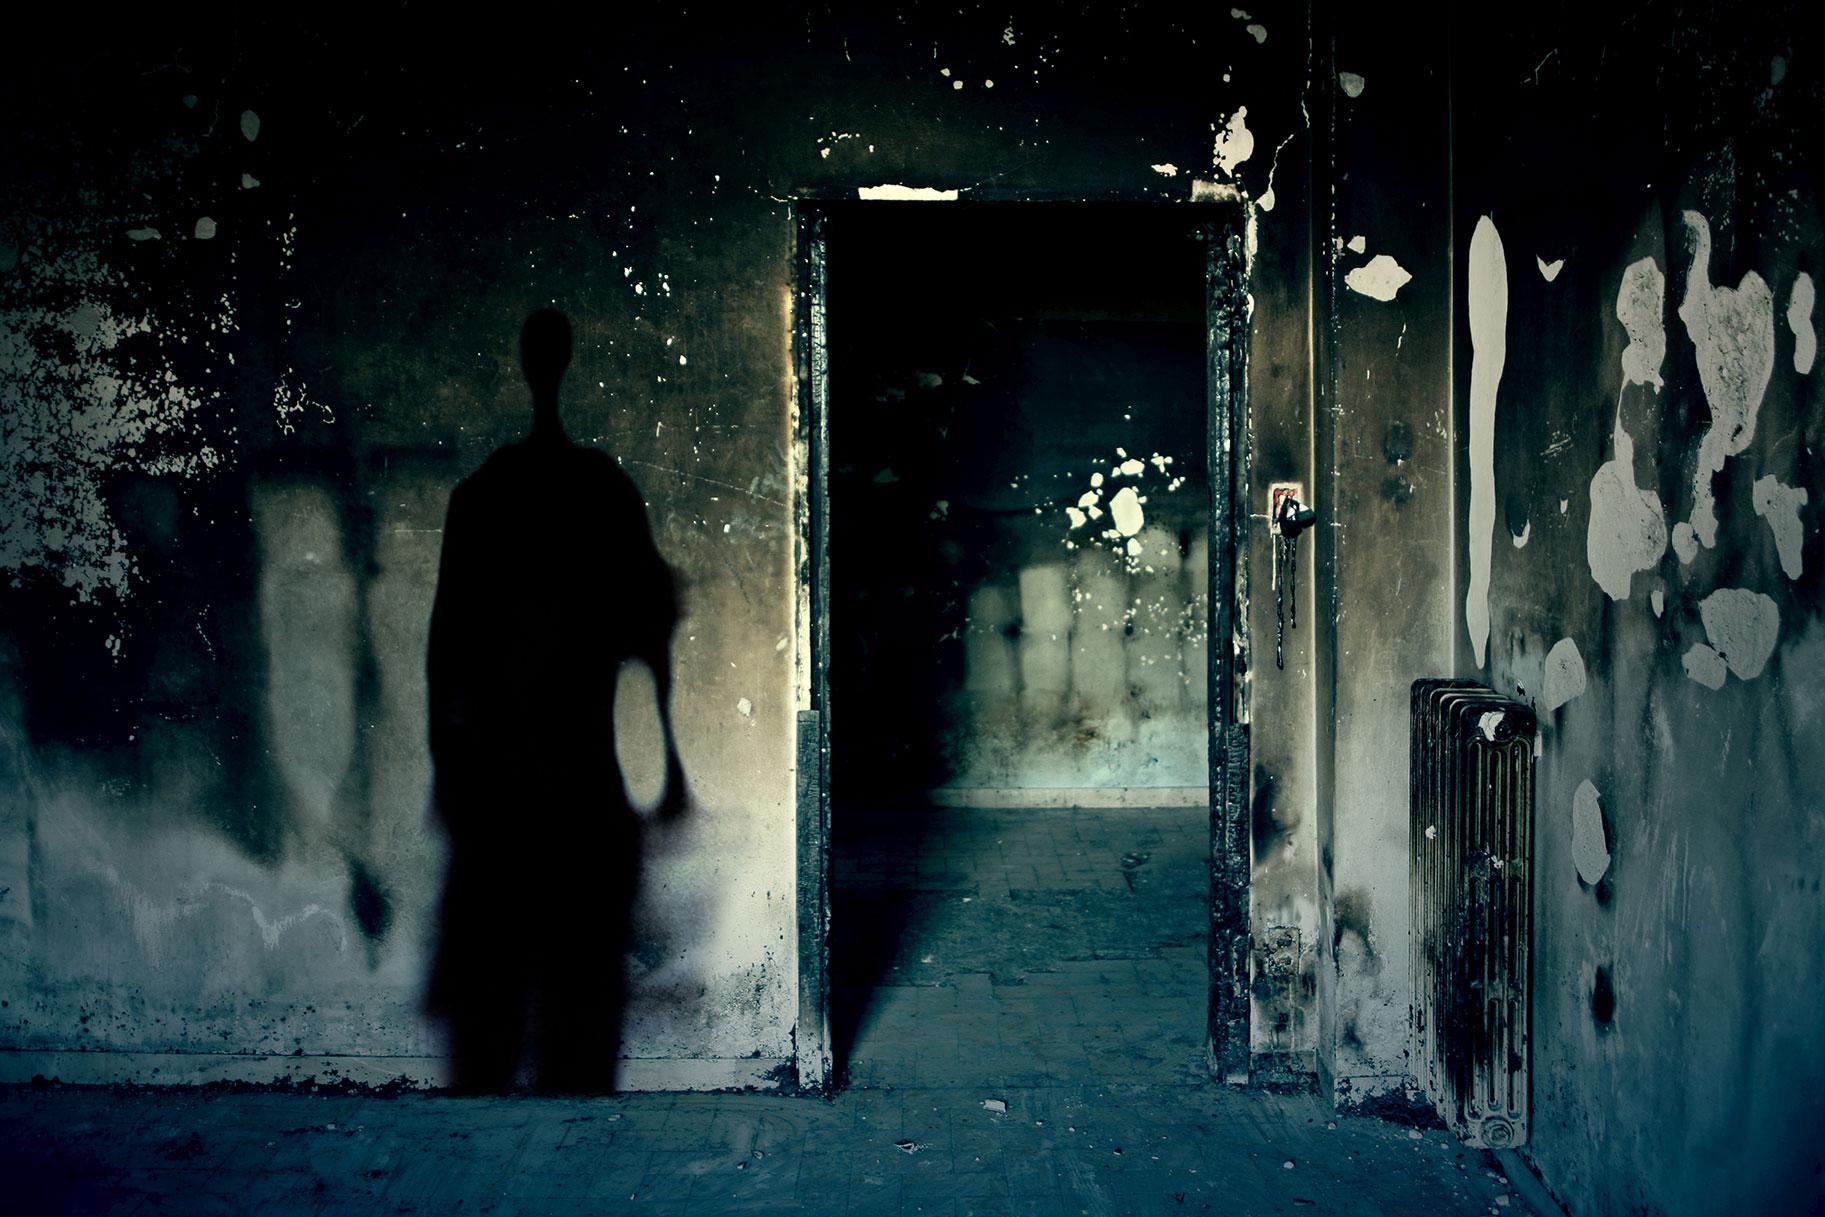 Skupina najde razpadajoče telo v hiši s straši, ki je kmalu zažgala po grozljivem odkritju